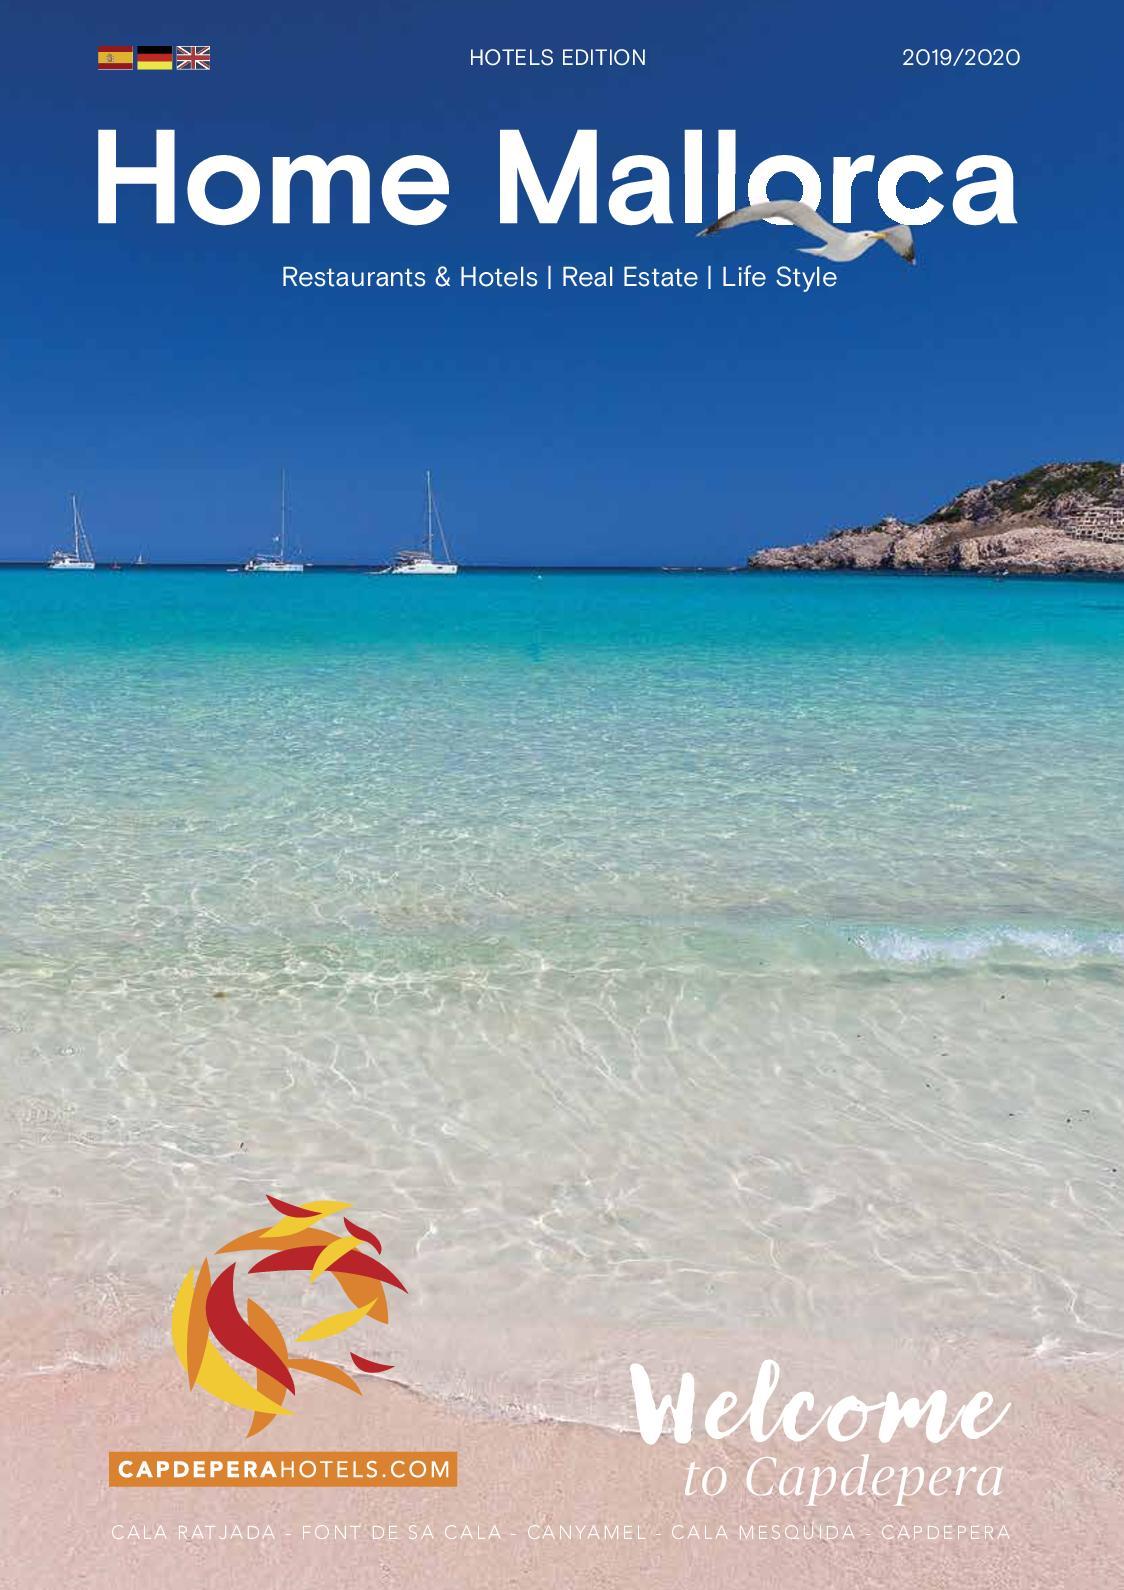 54bb7d52c703 Calaméo - Home Mallorca Hoteles edition